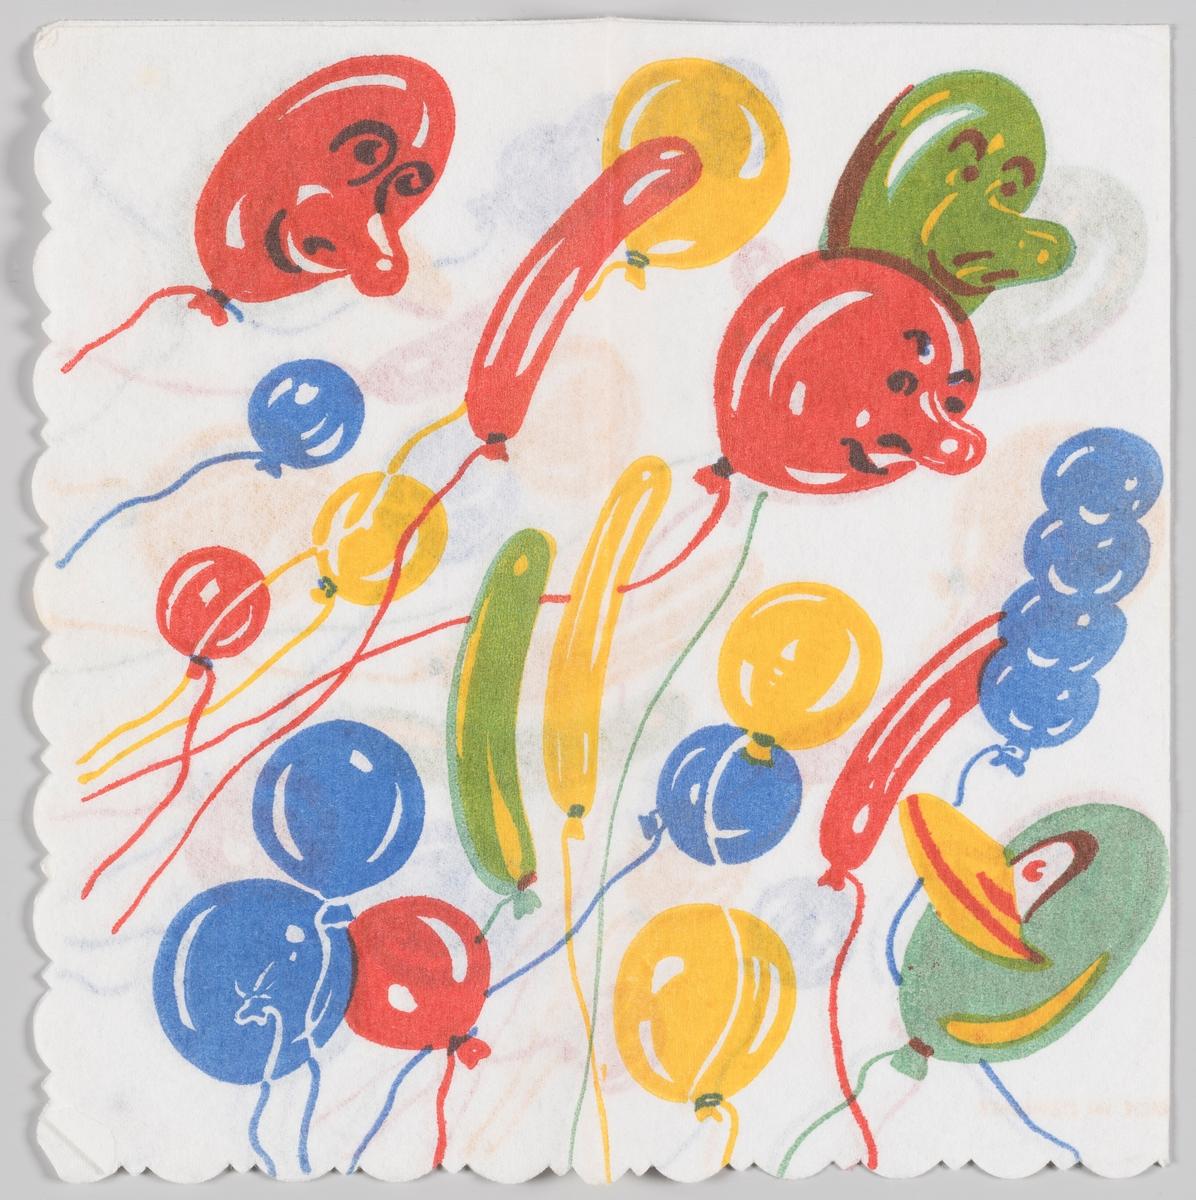 Mange ballonger i forskjellige farger og fasonger. Flere av ballongene har fjes.